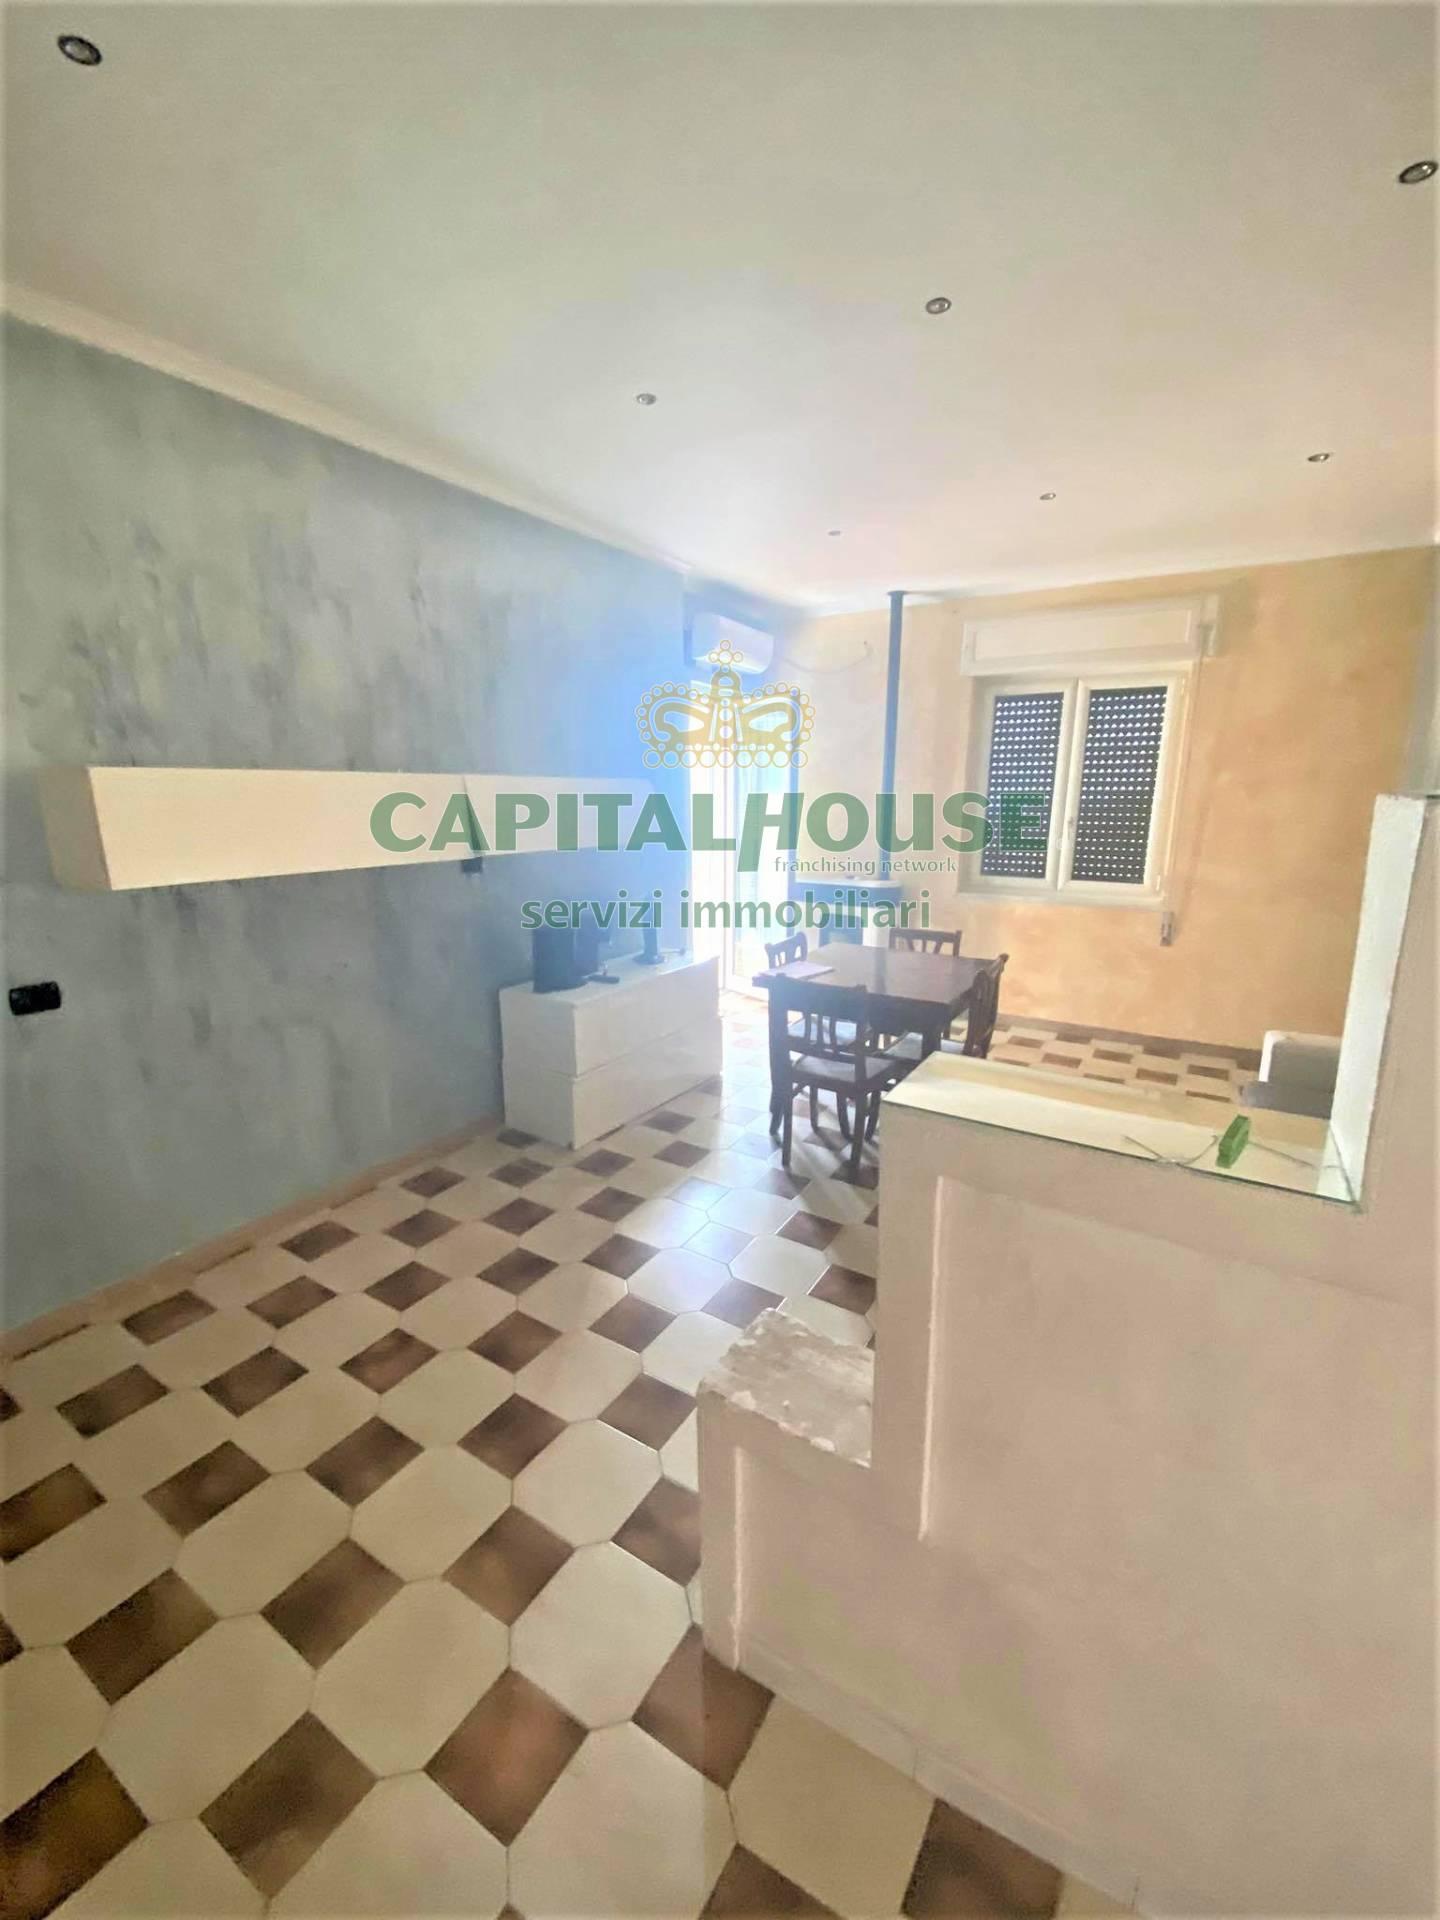 Appartamento in vendita a Quadrelle, 3 locali, prezzo € 78.000   CambioCasa.it